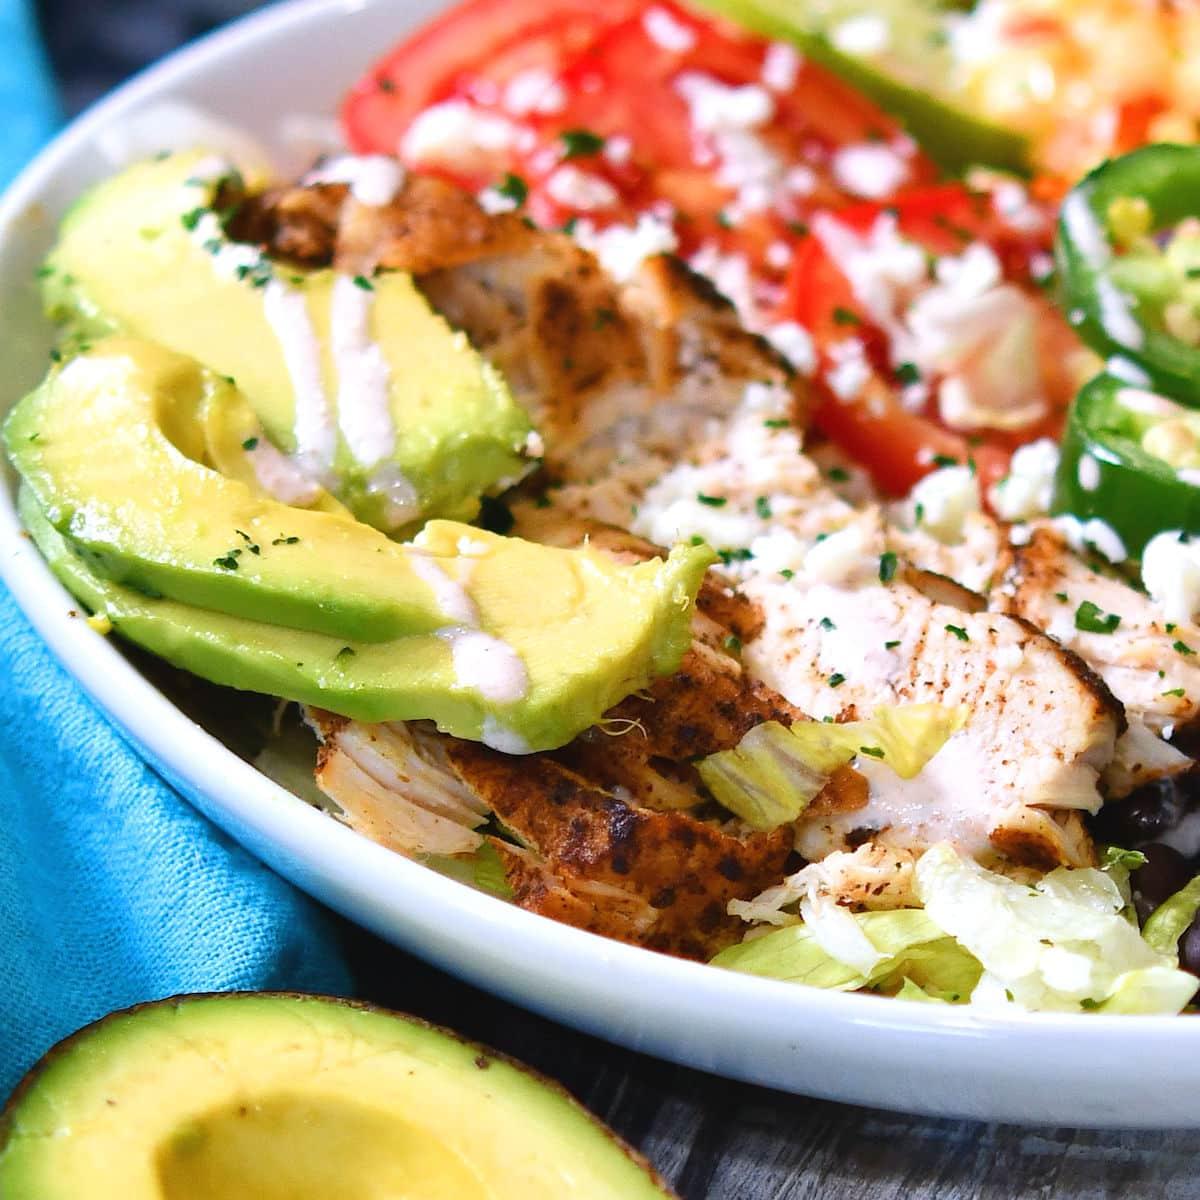 24Bite: Ancho Chicken Burrito Bowl Instant Pot Recipe by Christian Guzman